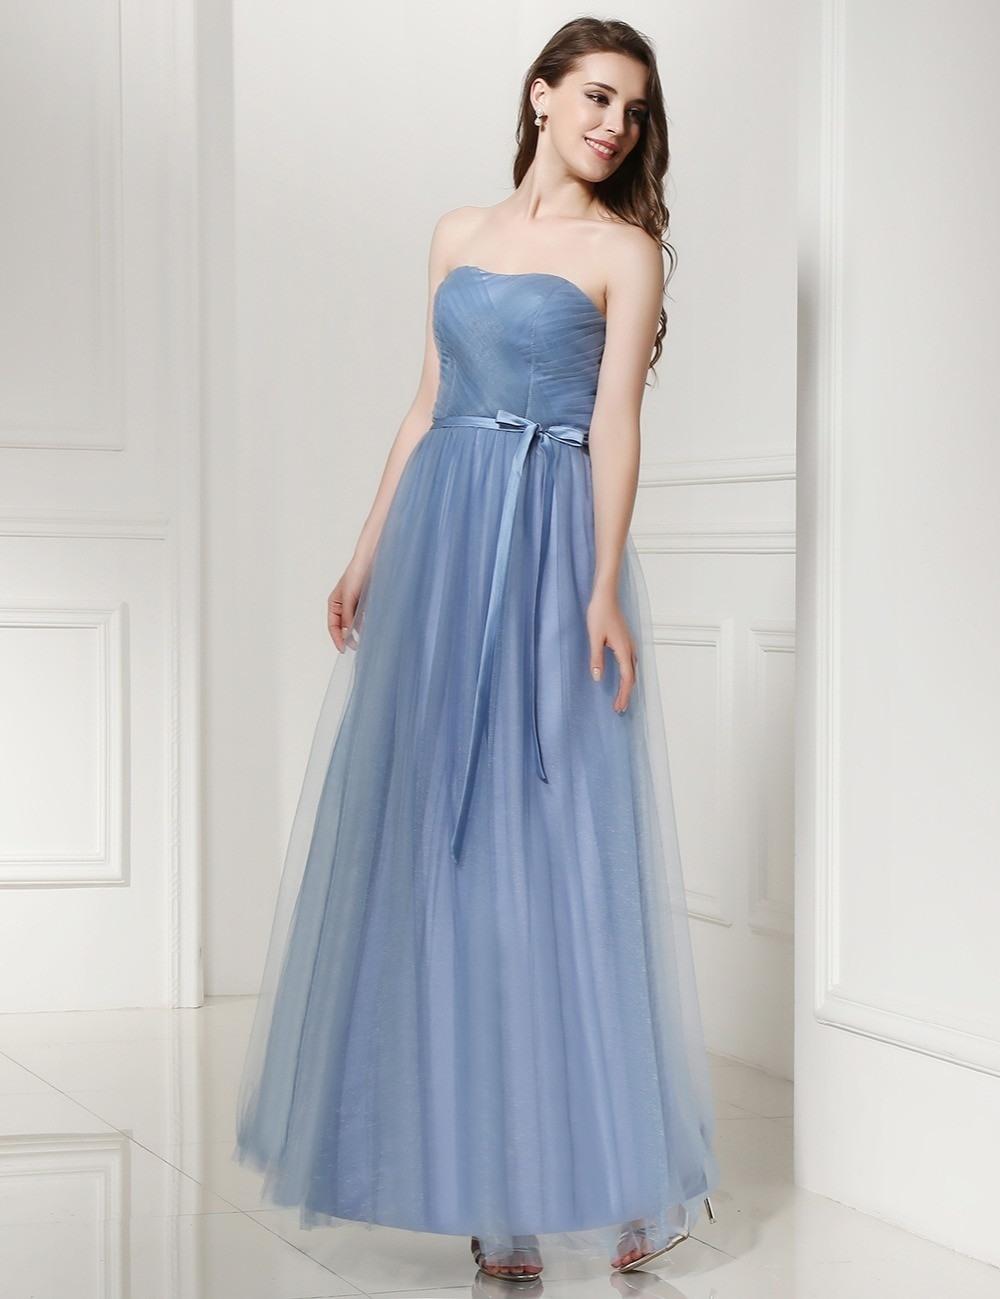 Formal Großartig Kleid Blau Hochzeit für 201920 Spektakulär Kleid Blau Hochzeit Galerie